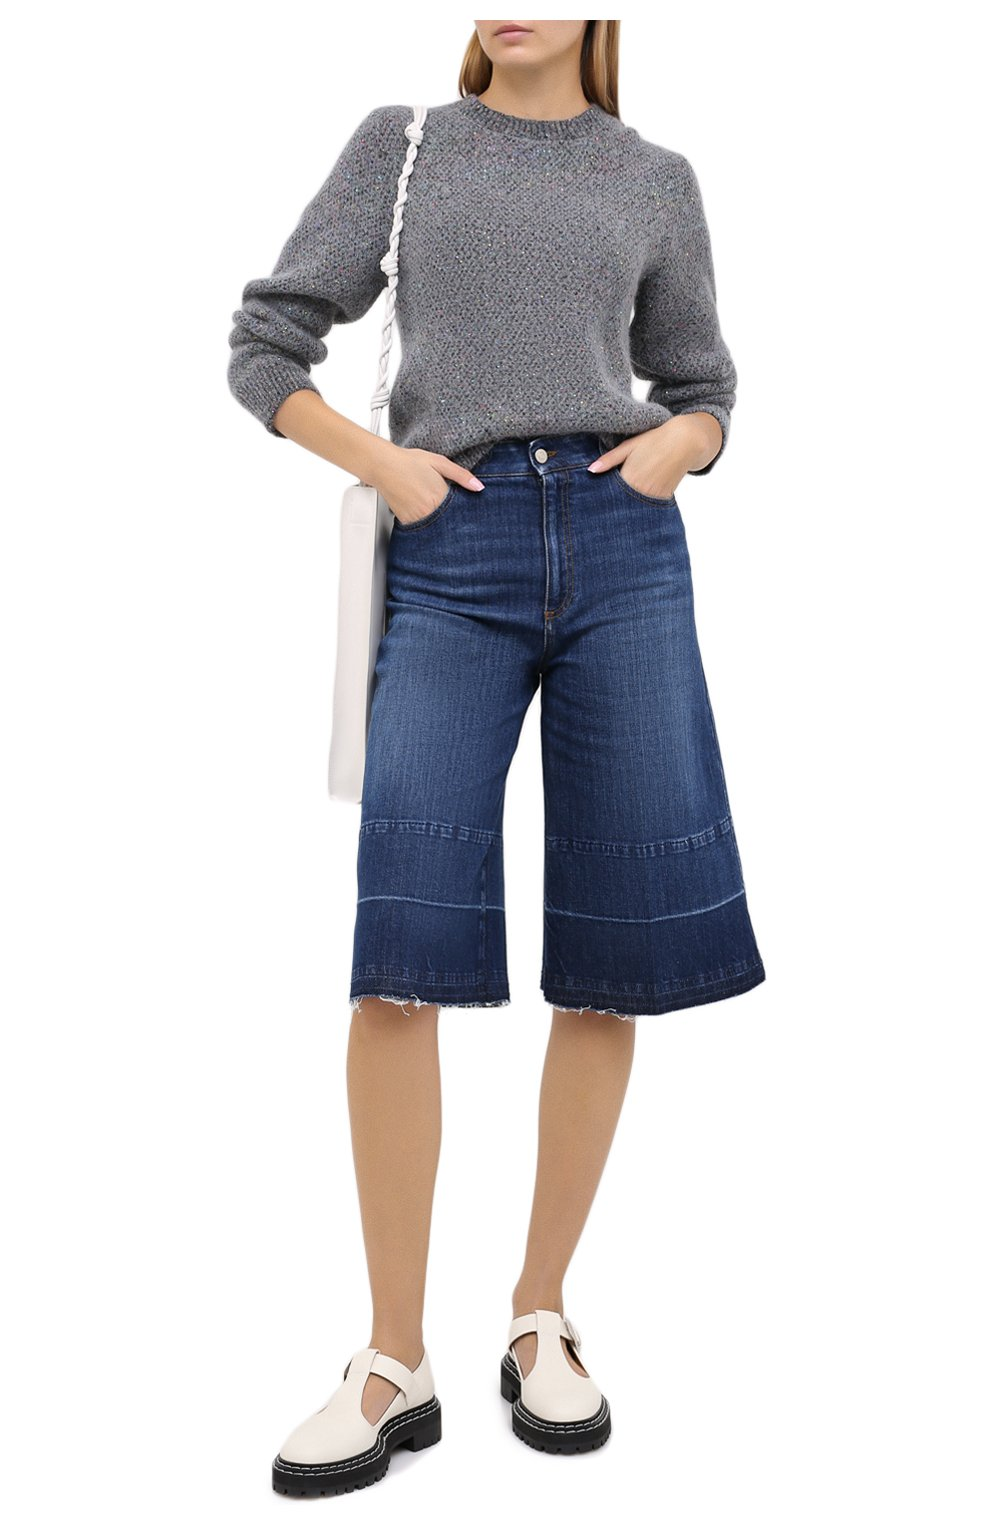 Женские джинсовые шорты STELLA MCCARTNEY синего цвета, арт. 601800/S0H01 | Фото 2 (Женское Кросс-КТ: Шорты-одежда; Кросс-КТ: Деним, Широкие; Материал внешний: Хлопок; Длина Ж (юбки, платья, шорты): Миди)